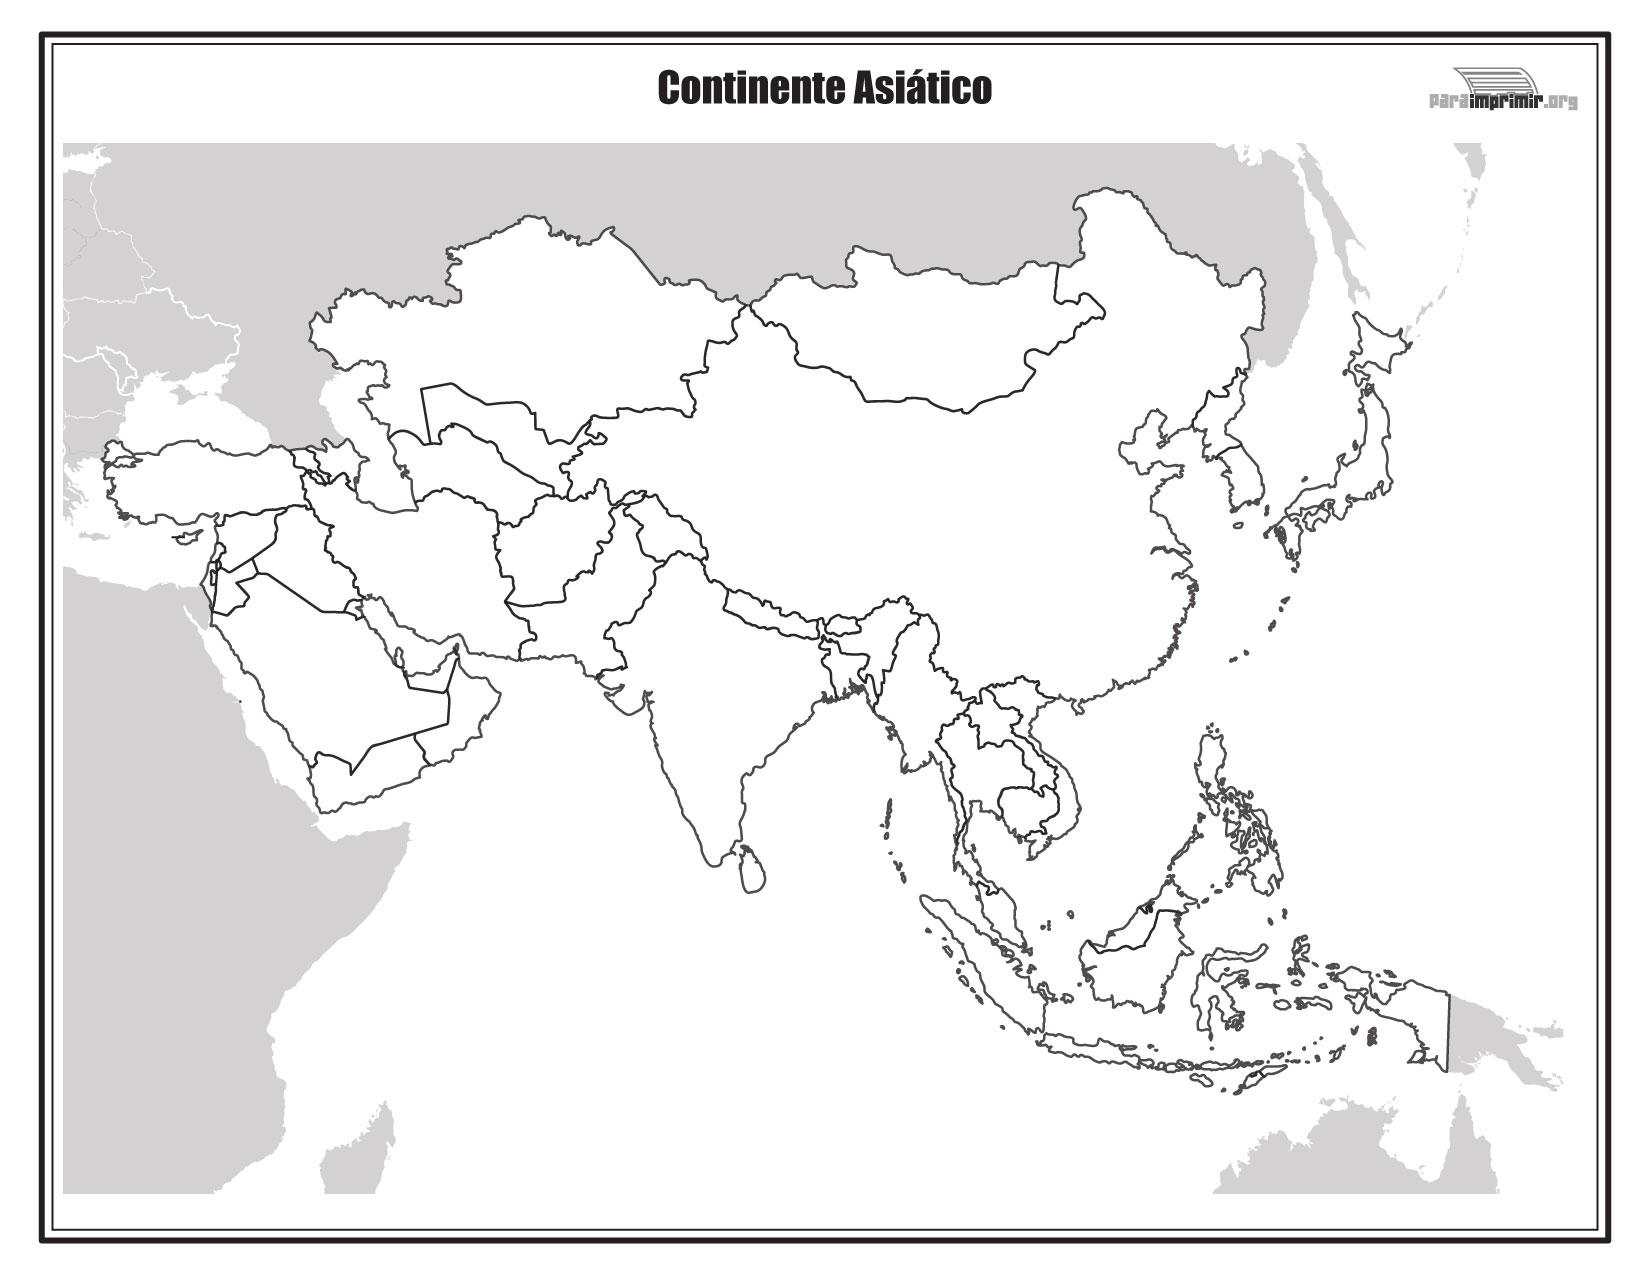 Mapa del continente asitico sin nombres para imprimir